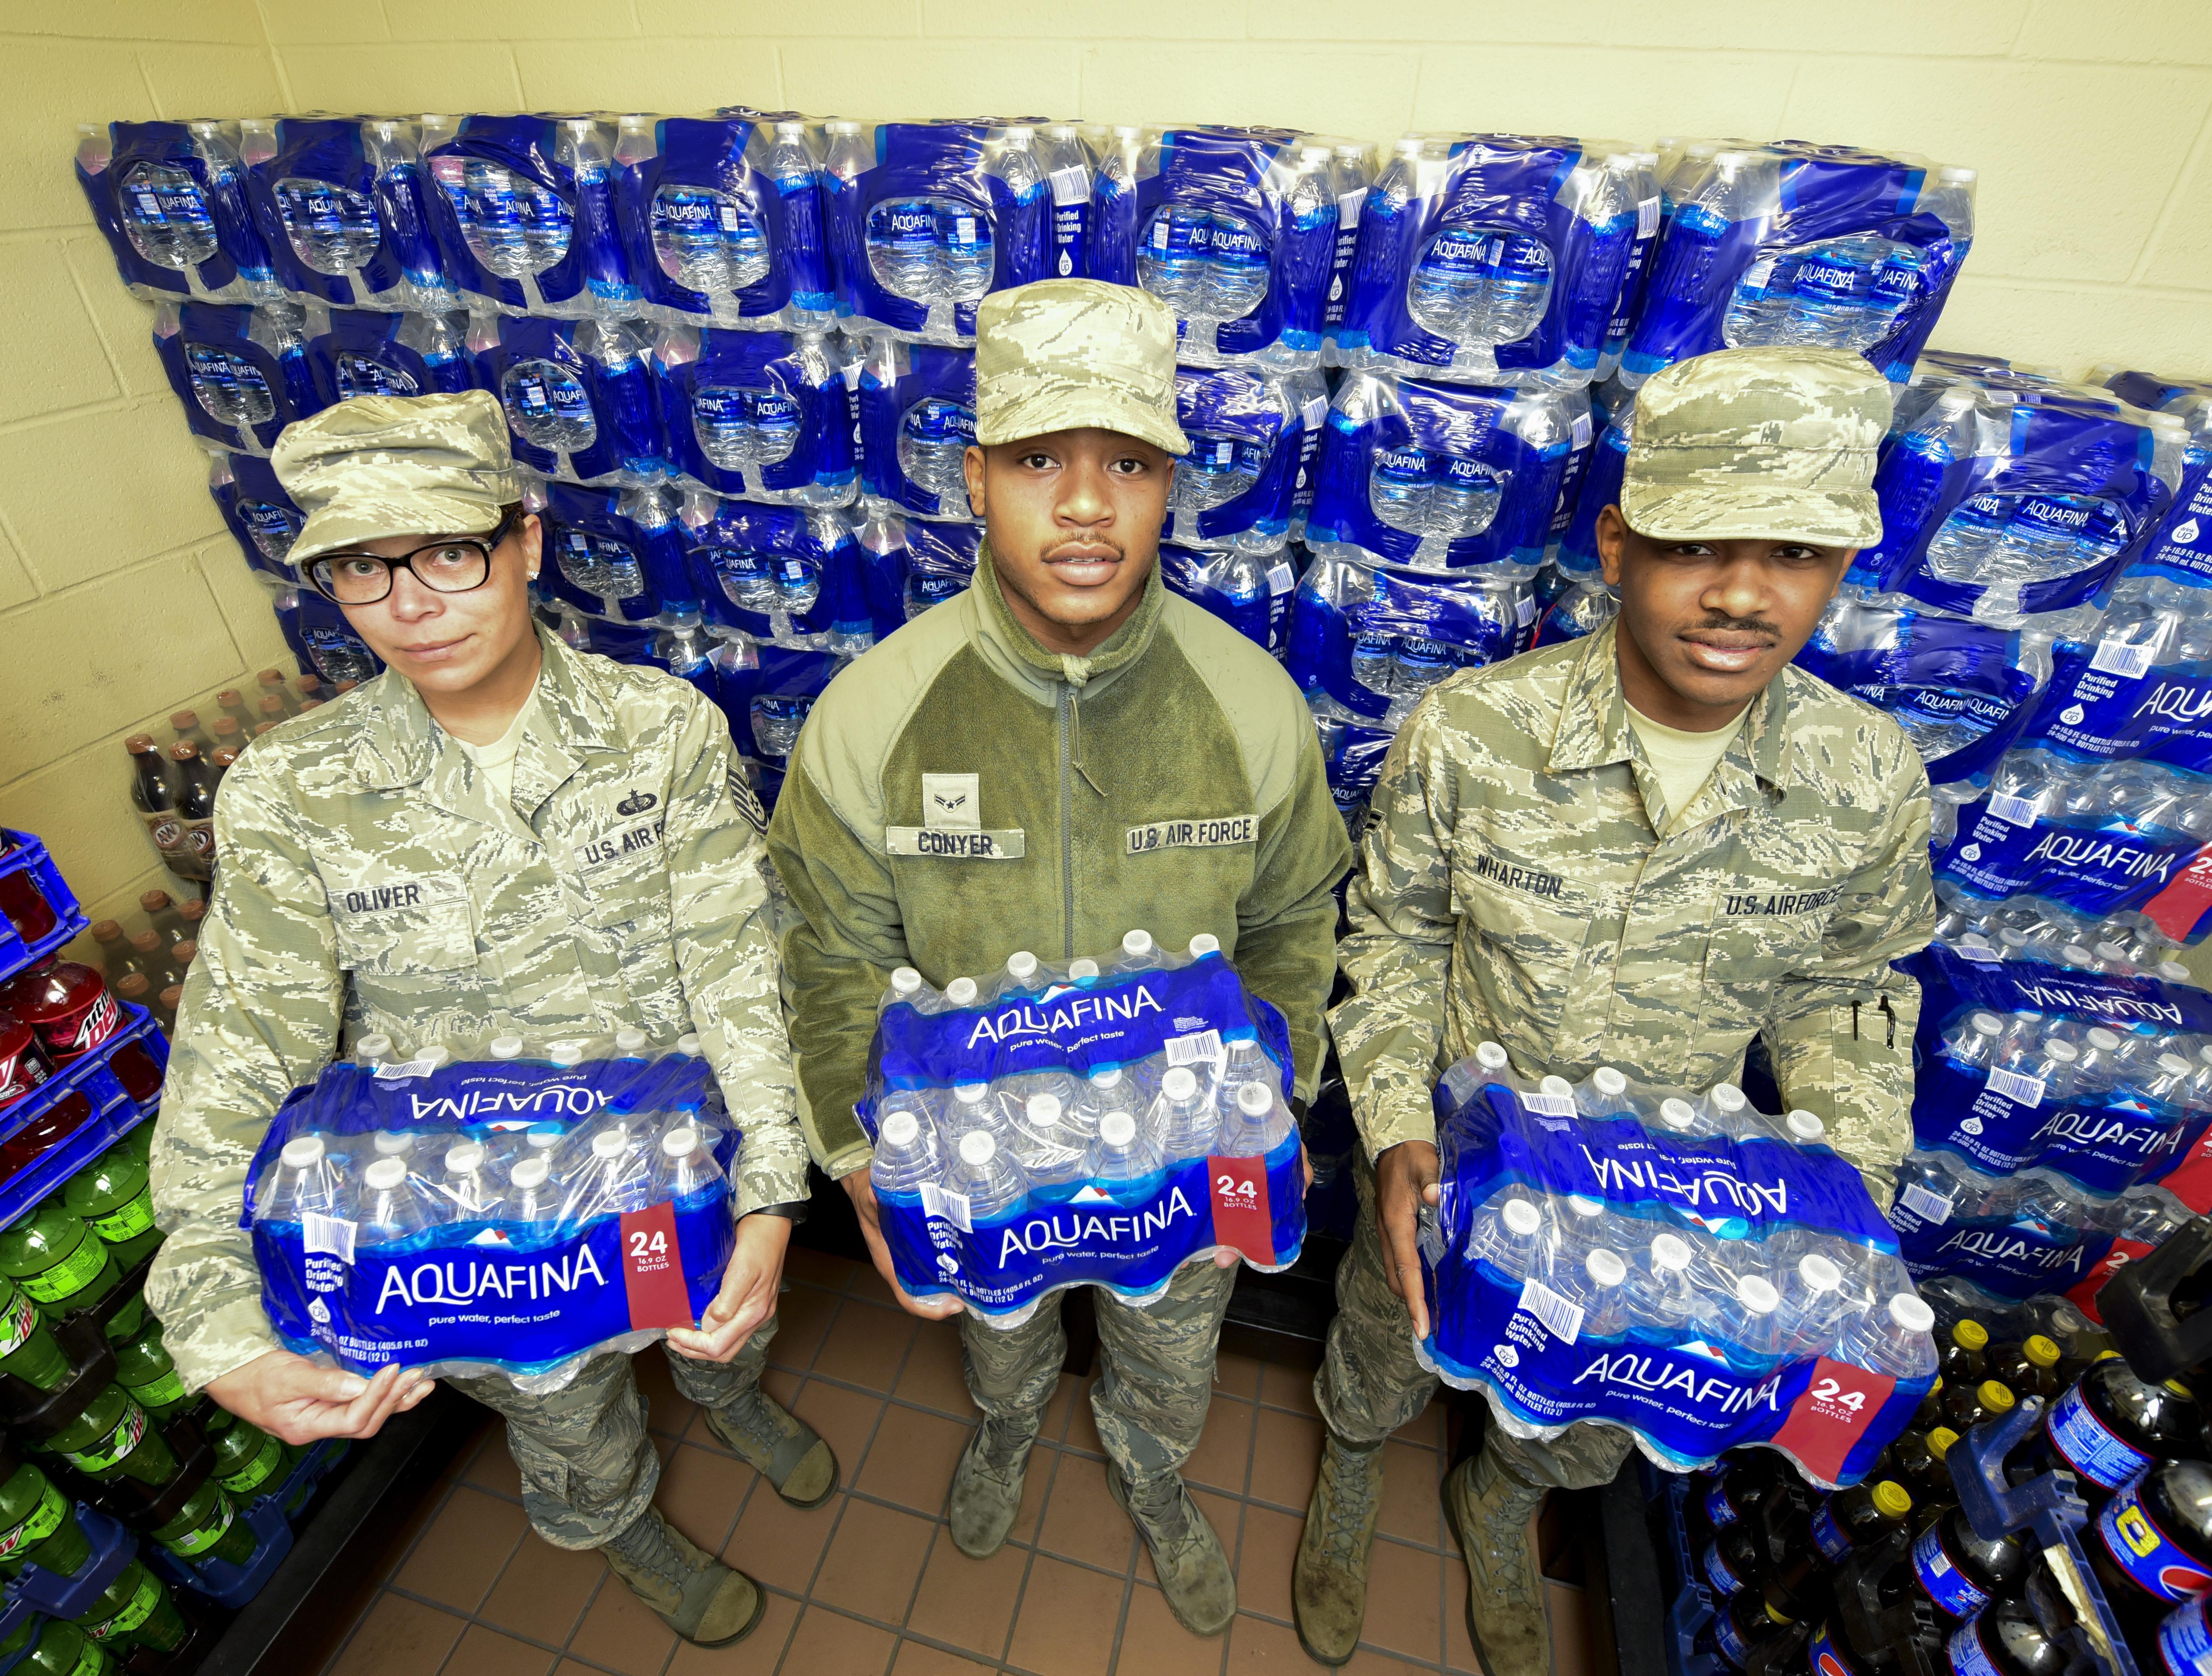 waterline break tests team response cohesion ellsworth air force